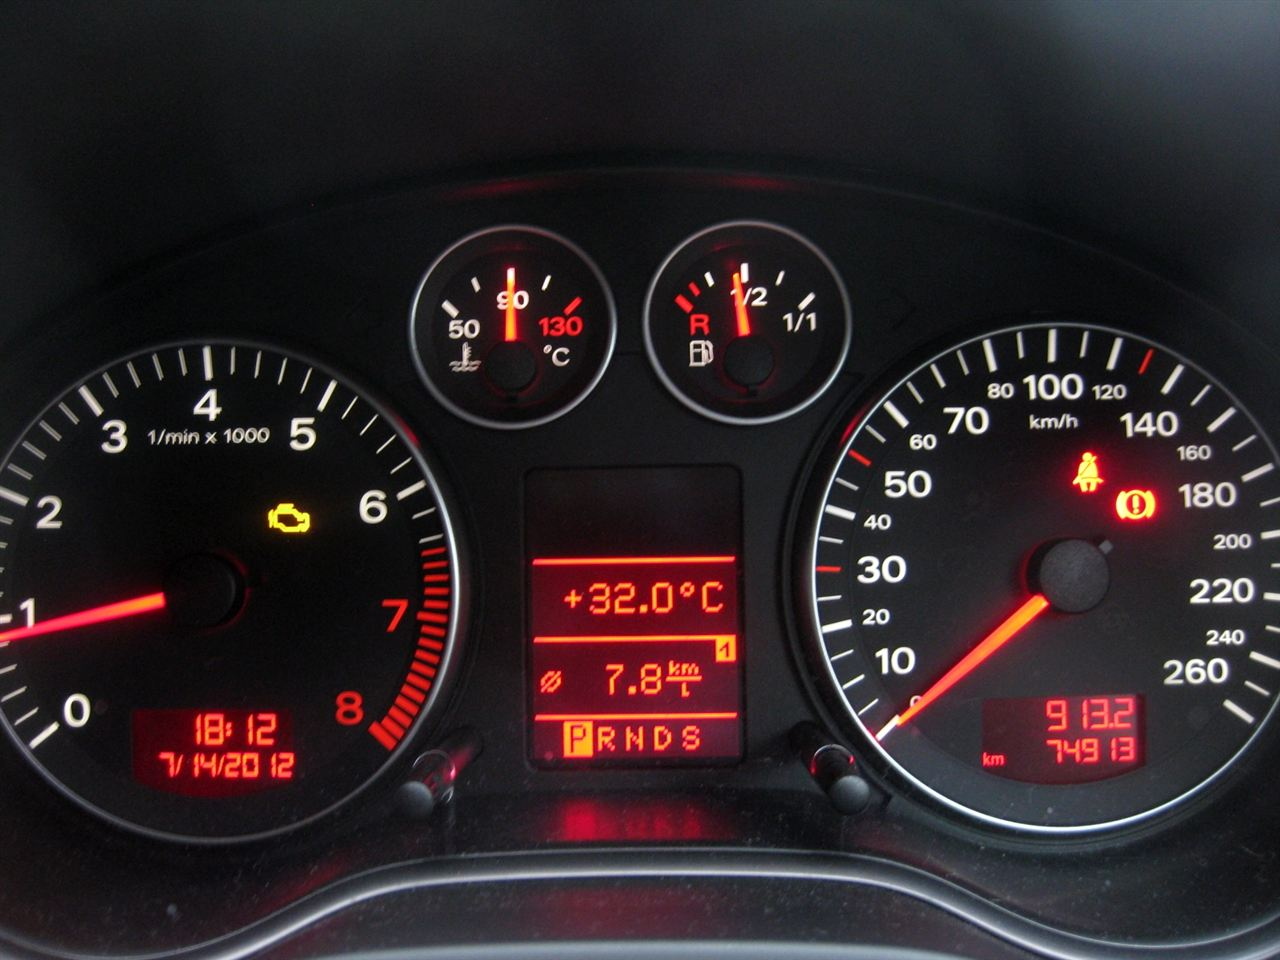 【車のトラブル対処方法】メーターパネルの警告灯・表示灯の意味を種類ごとに紹介!すぐに点検した方がよいマークはどれ?